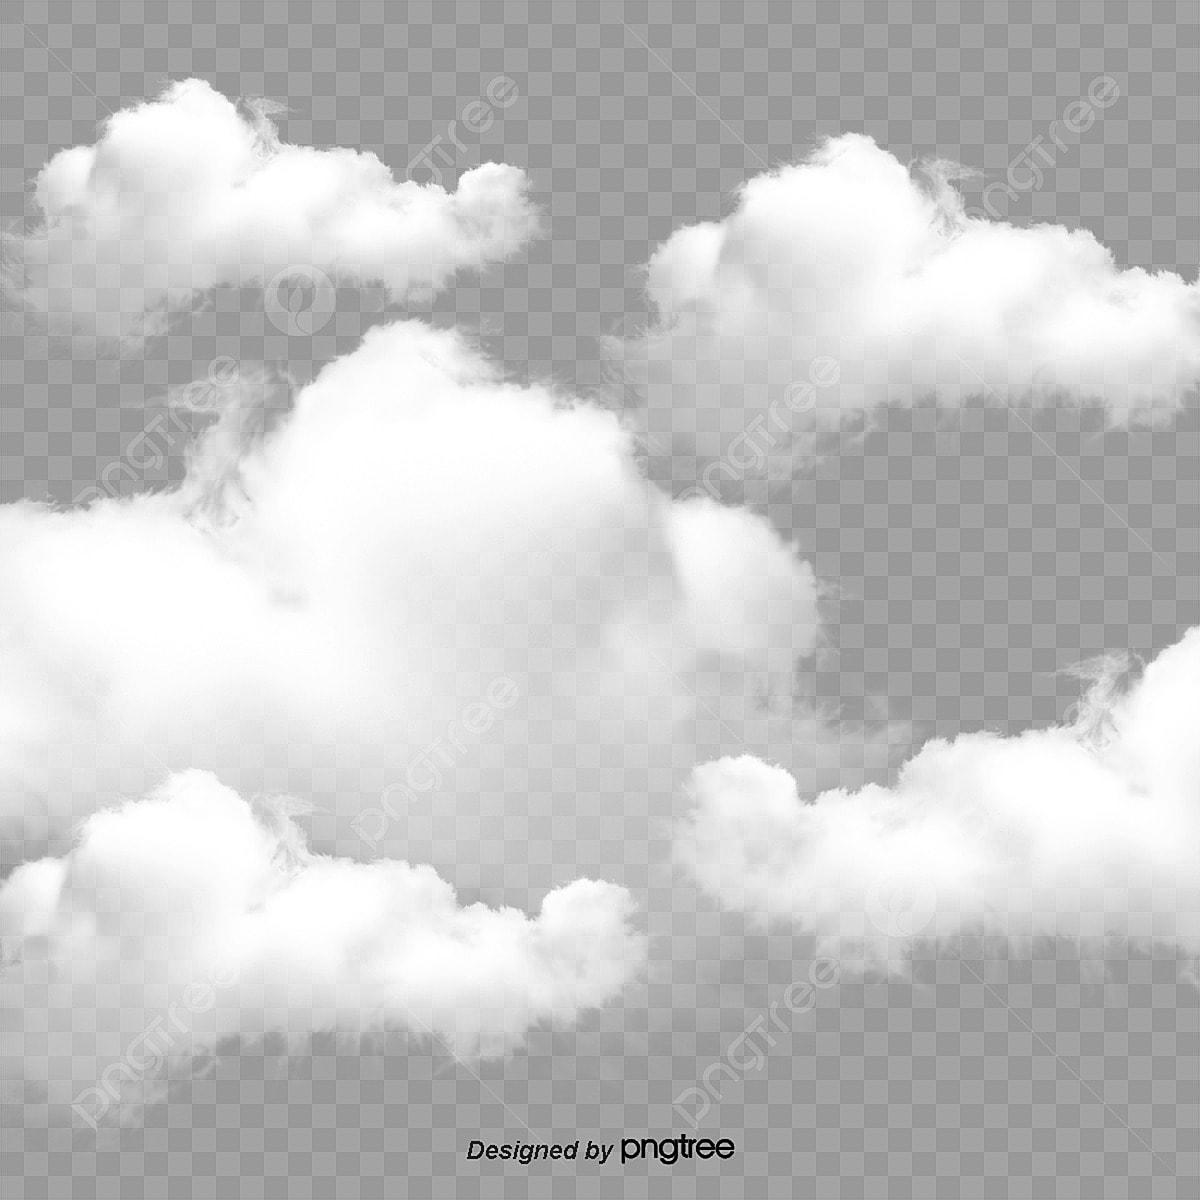 Awan Putih Langit Awan Putih Langit Fail Png Dan Psd Untuk